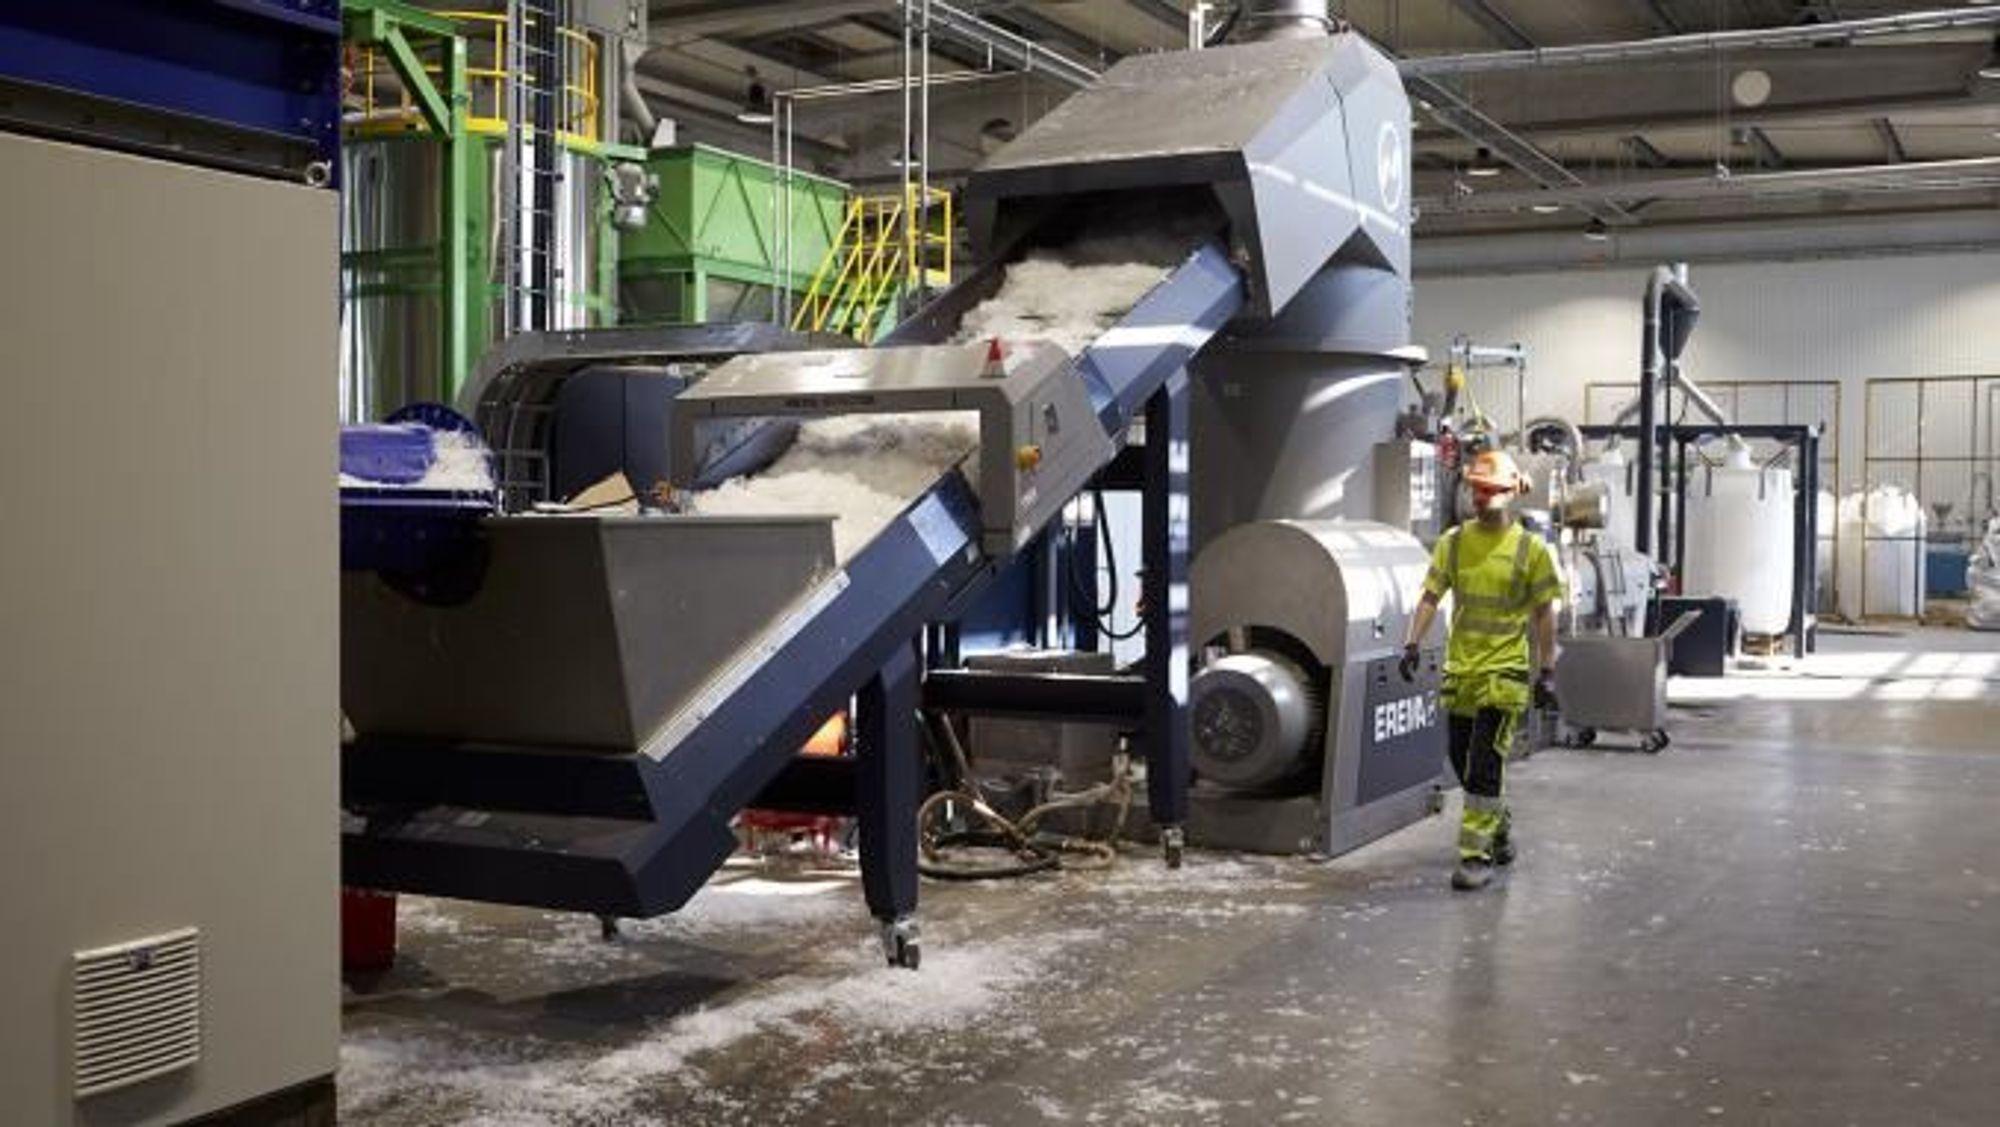 Store investeringer har gjort det mulig å sortere ut selv vanskelig materiale som myk plast og plastfolie ved gjenbruksbedriften Stena Recycling.